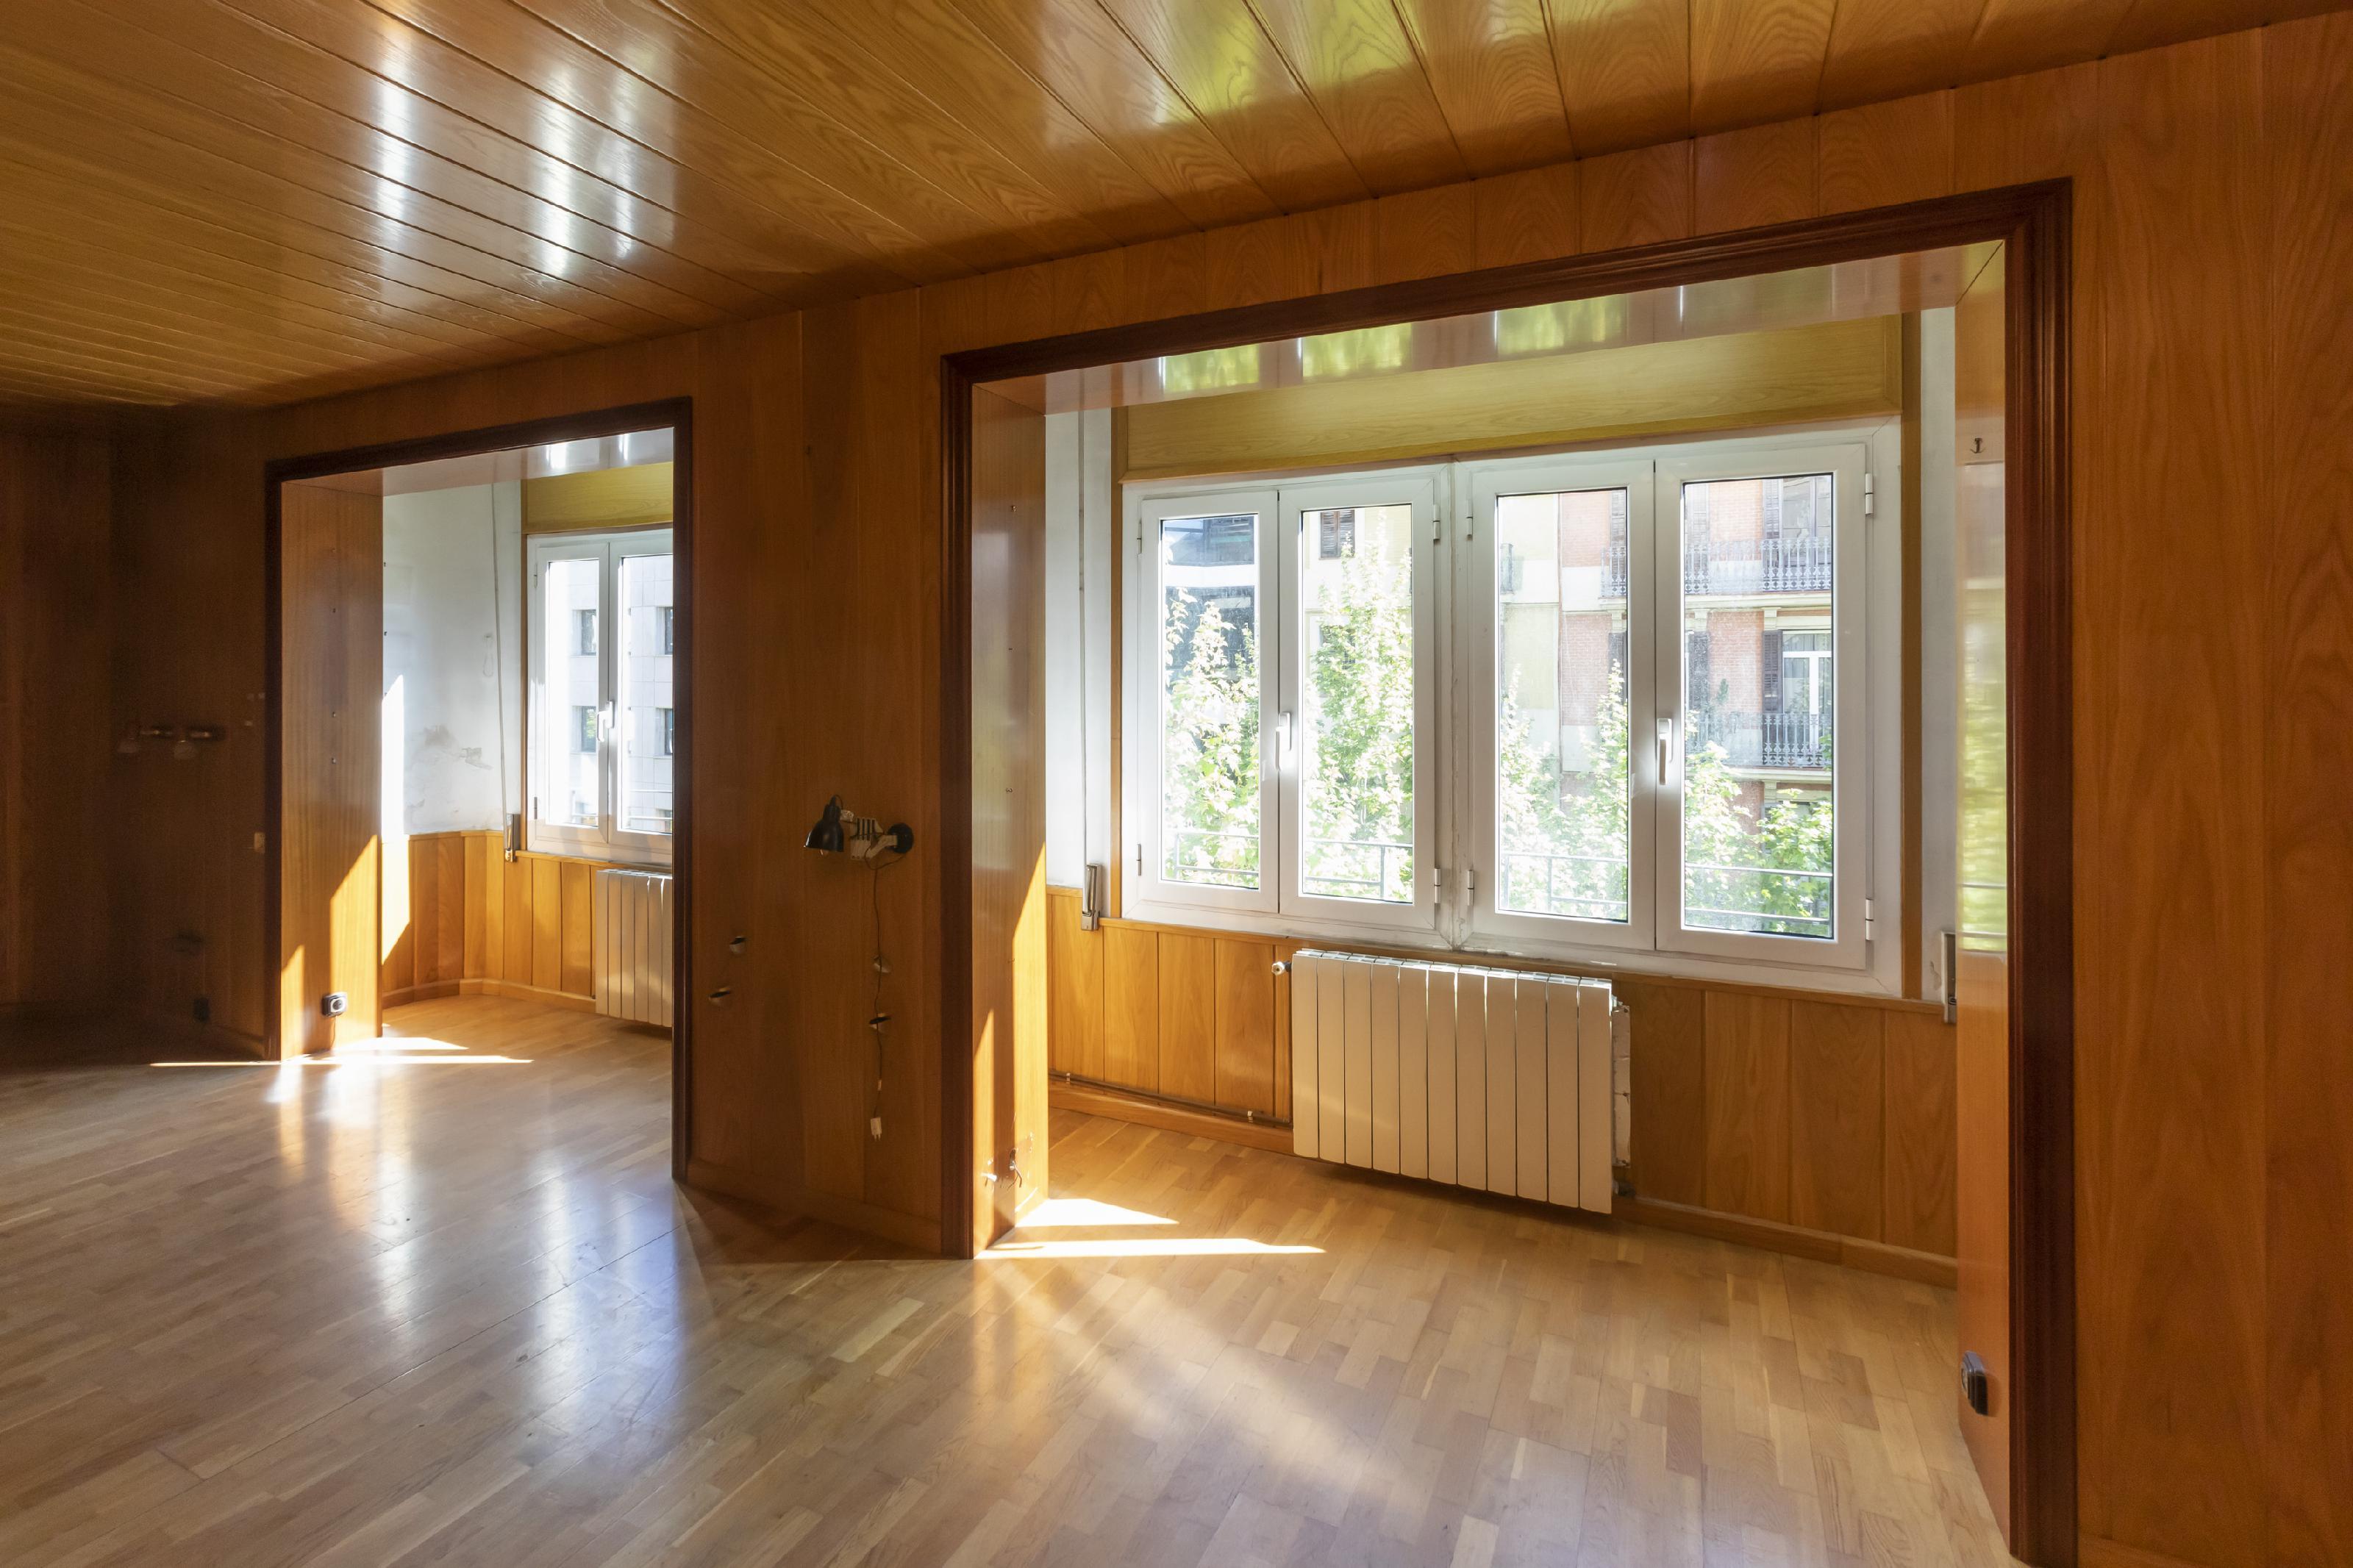 249361 Flat for sale in Eixample, Antiga Esquerre Eixample 4